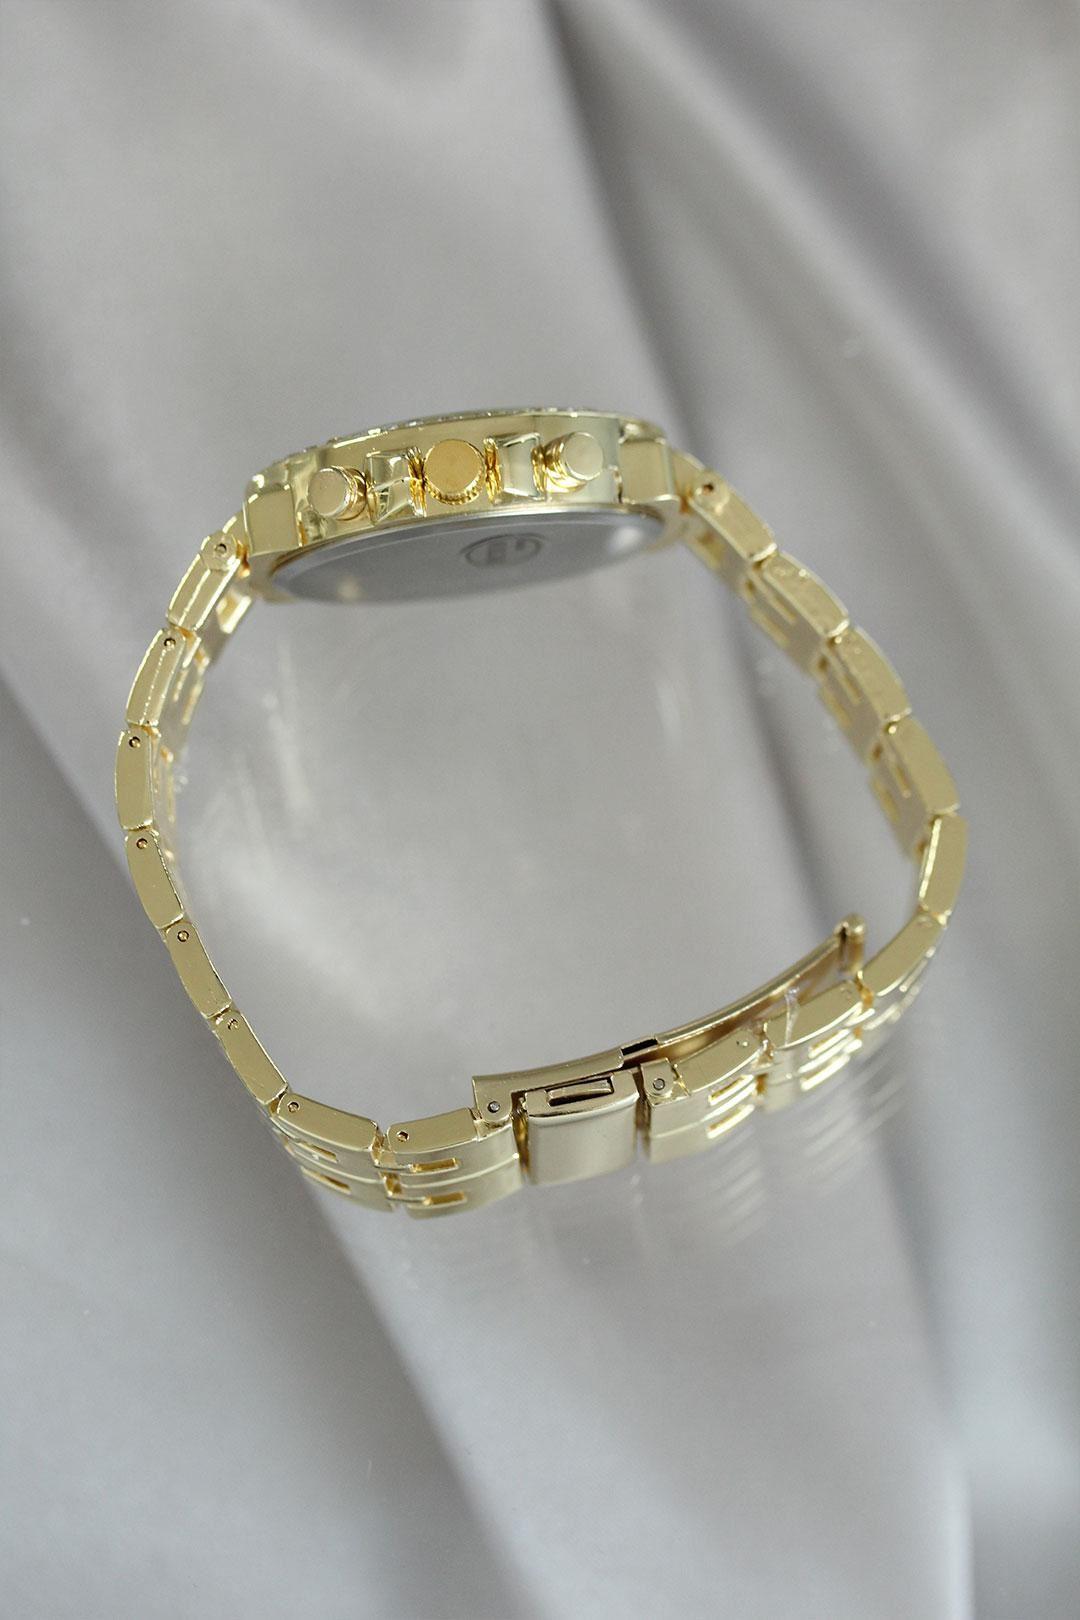 Gold Renk Zirkon Taşlı Metal Kadın Saat